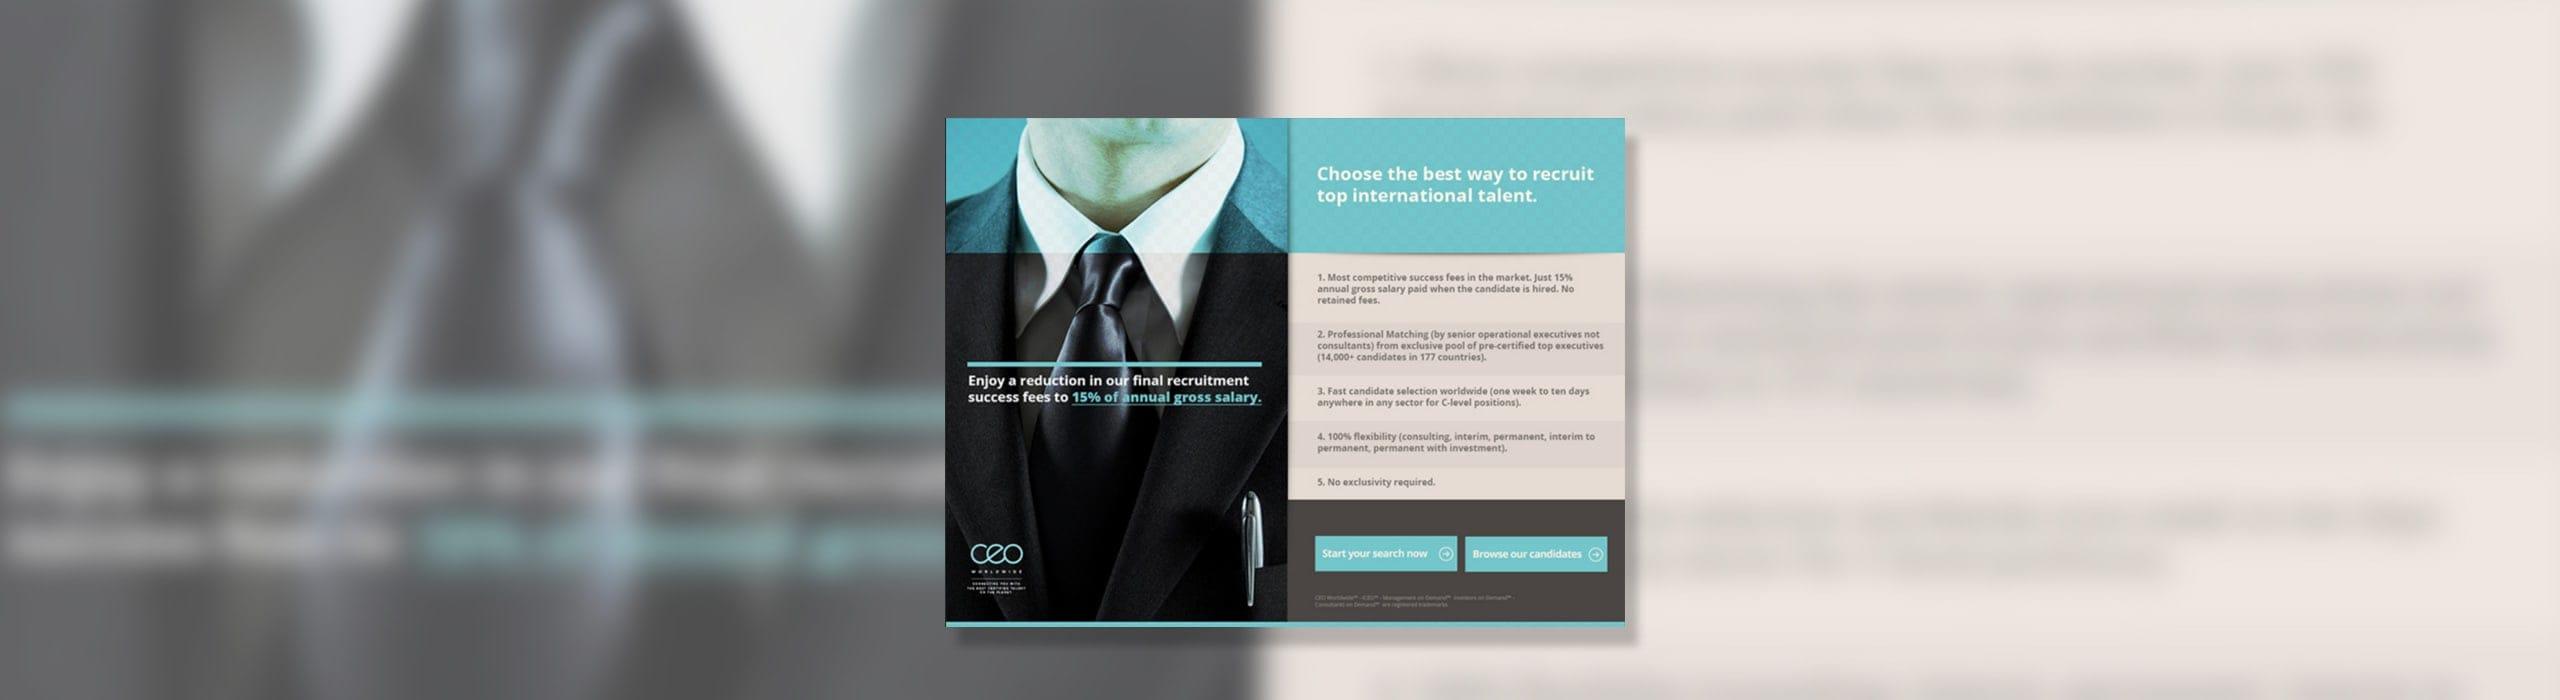 CEO Worldwide - natie-ceo-worldwide-website-popup - Natie Branding Agency